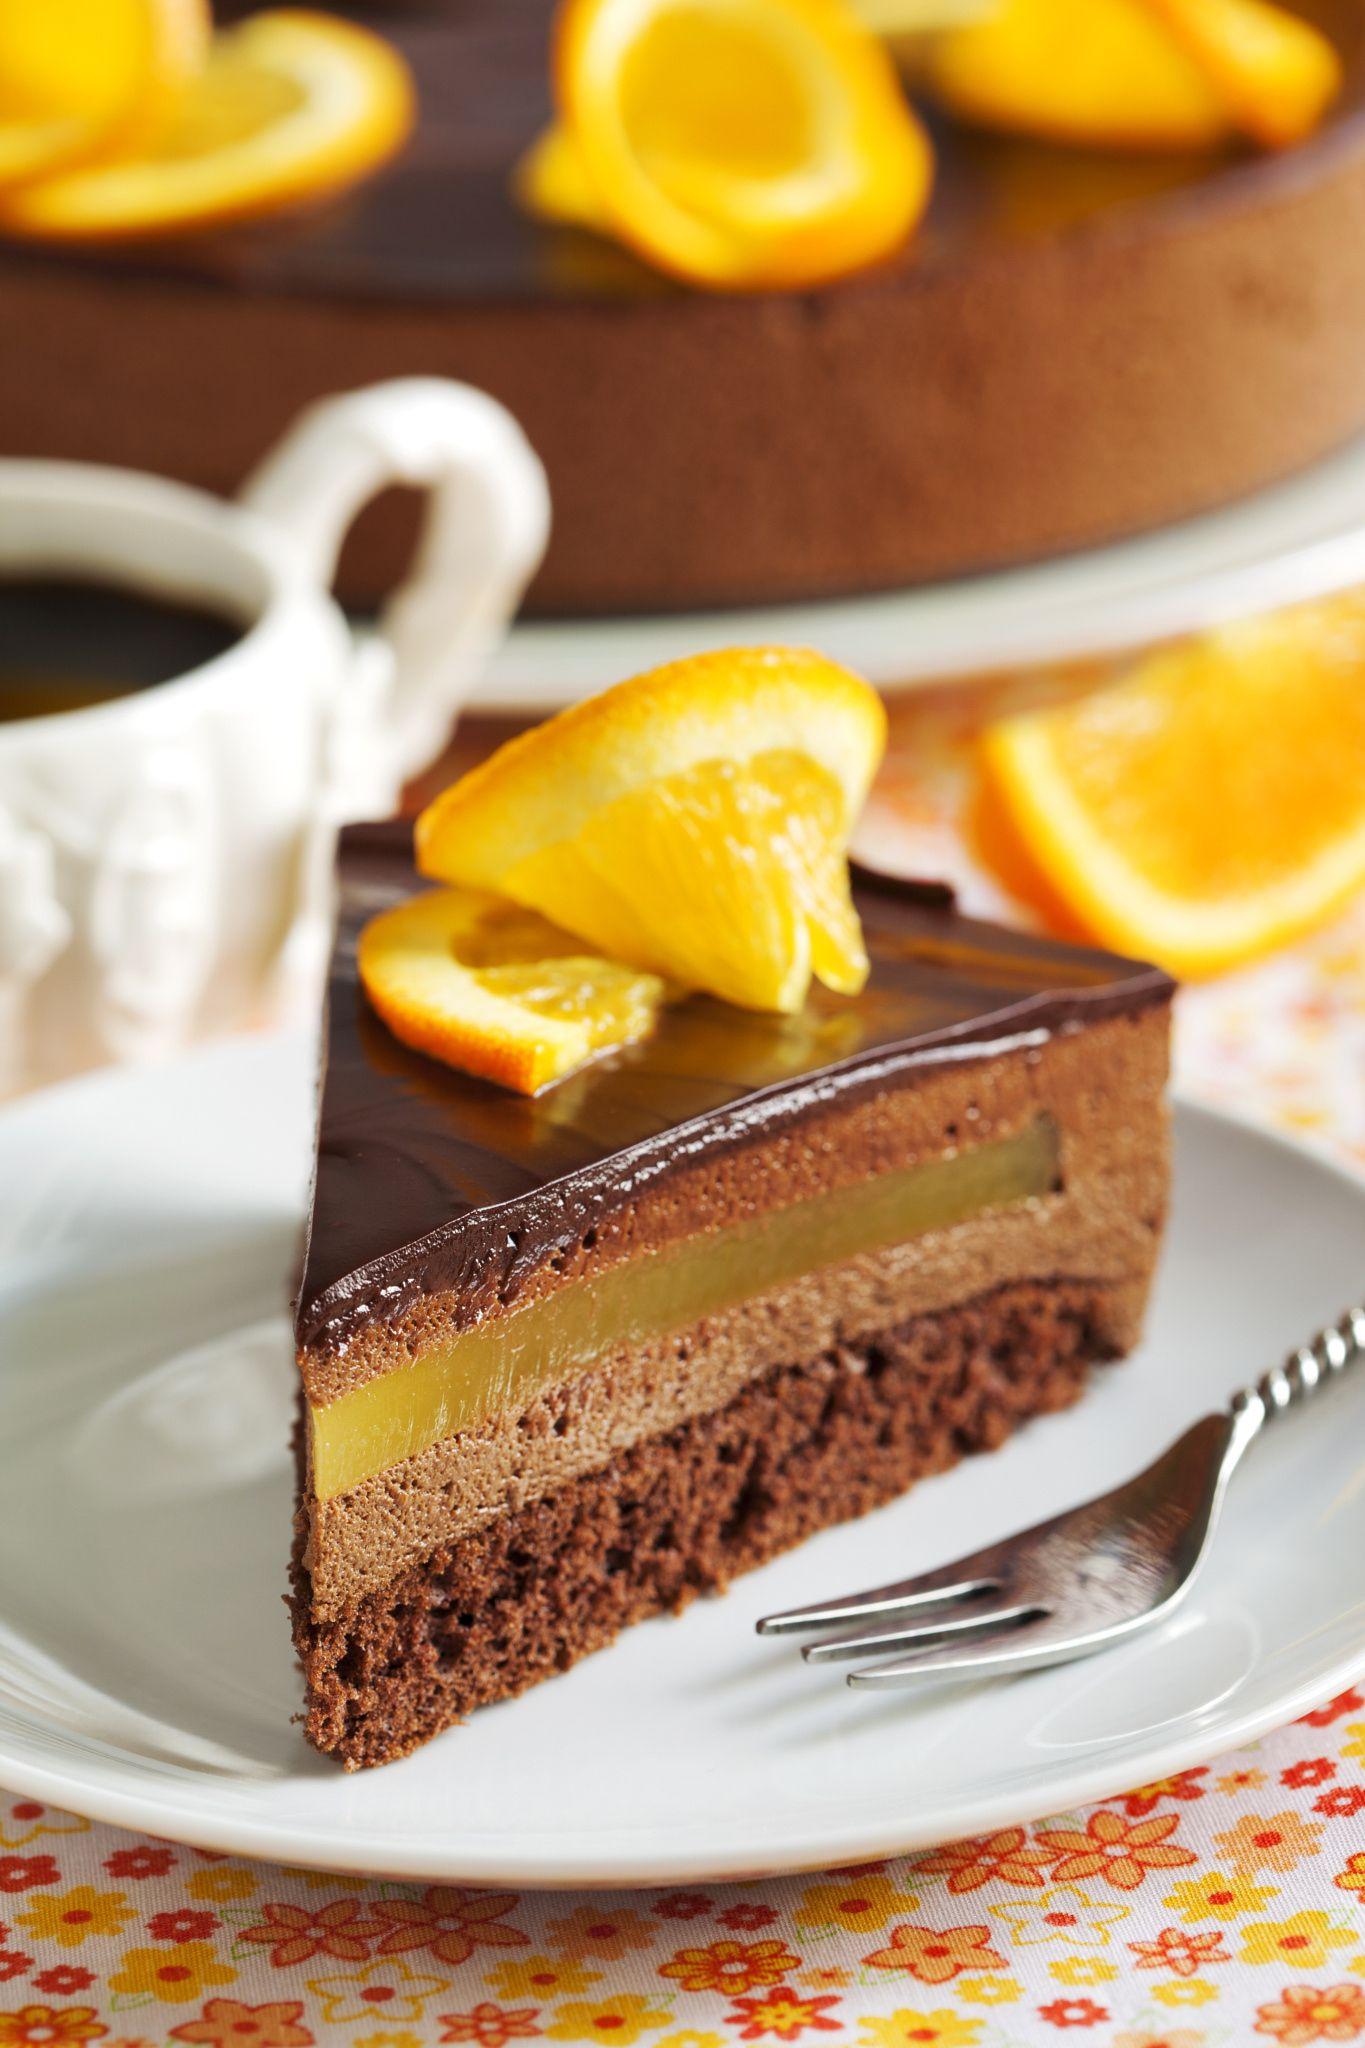 Chocolate Orange Mousse Cake Mary Berry